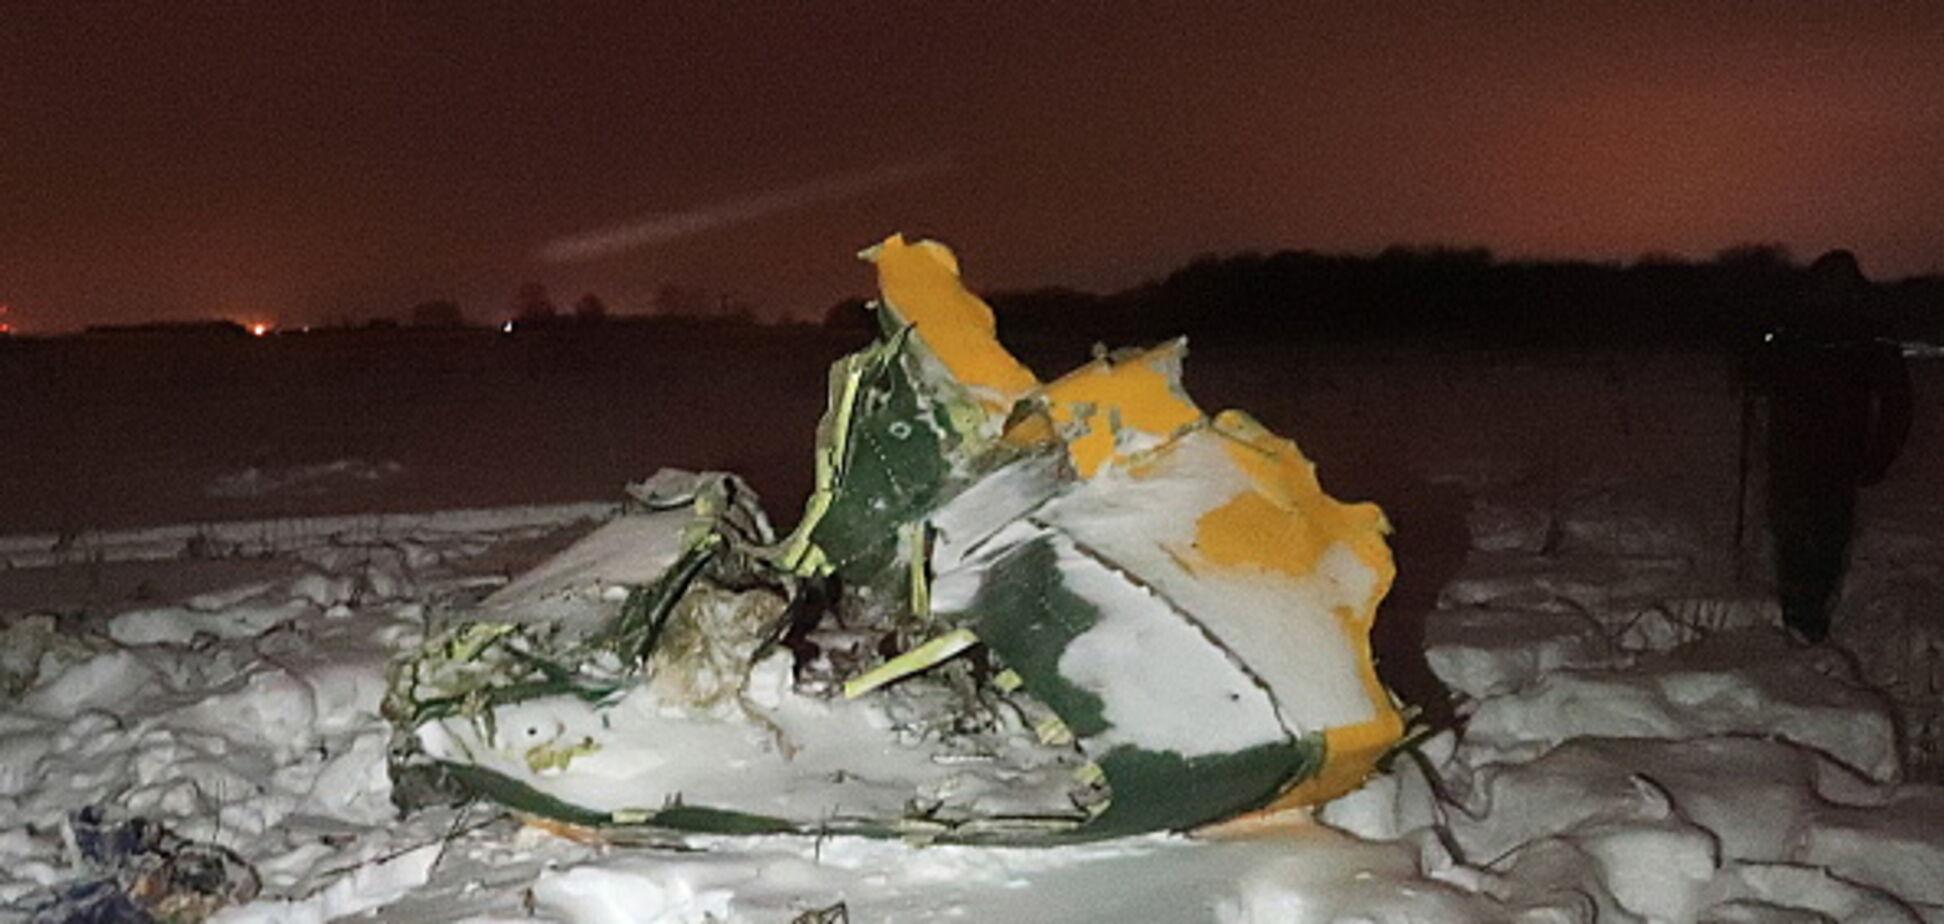 Гибель Ан-148: лайнер взорвался на земле